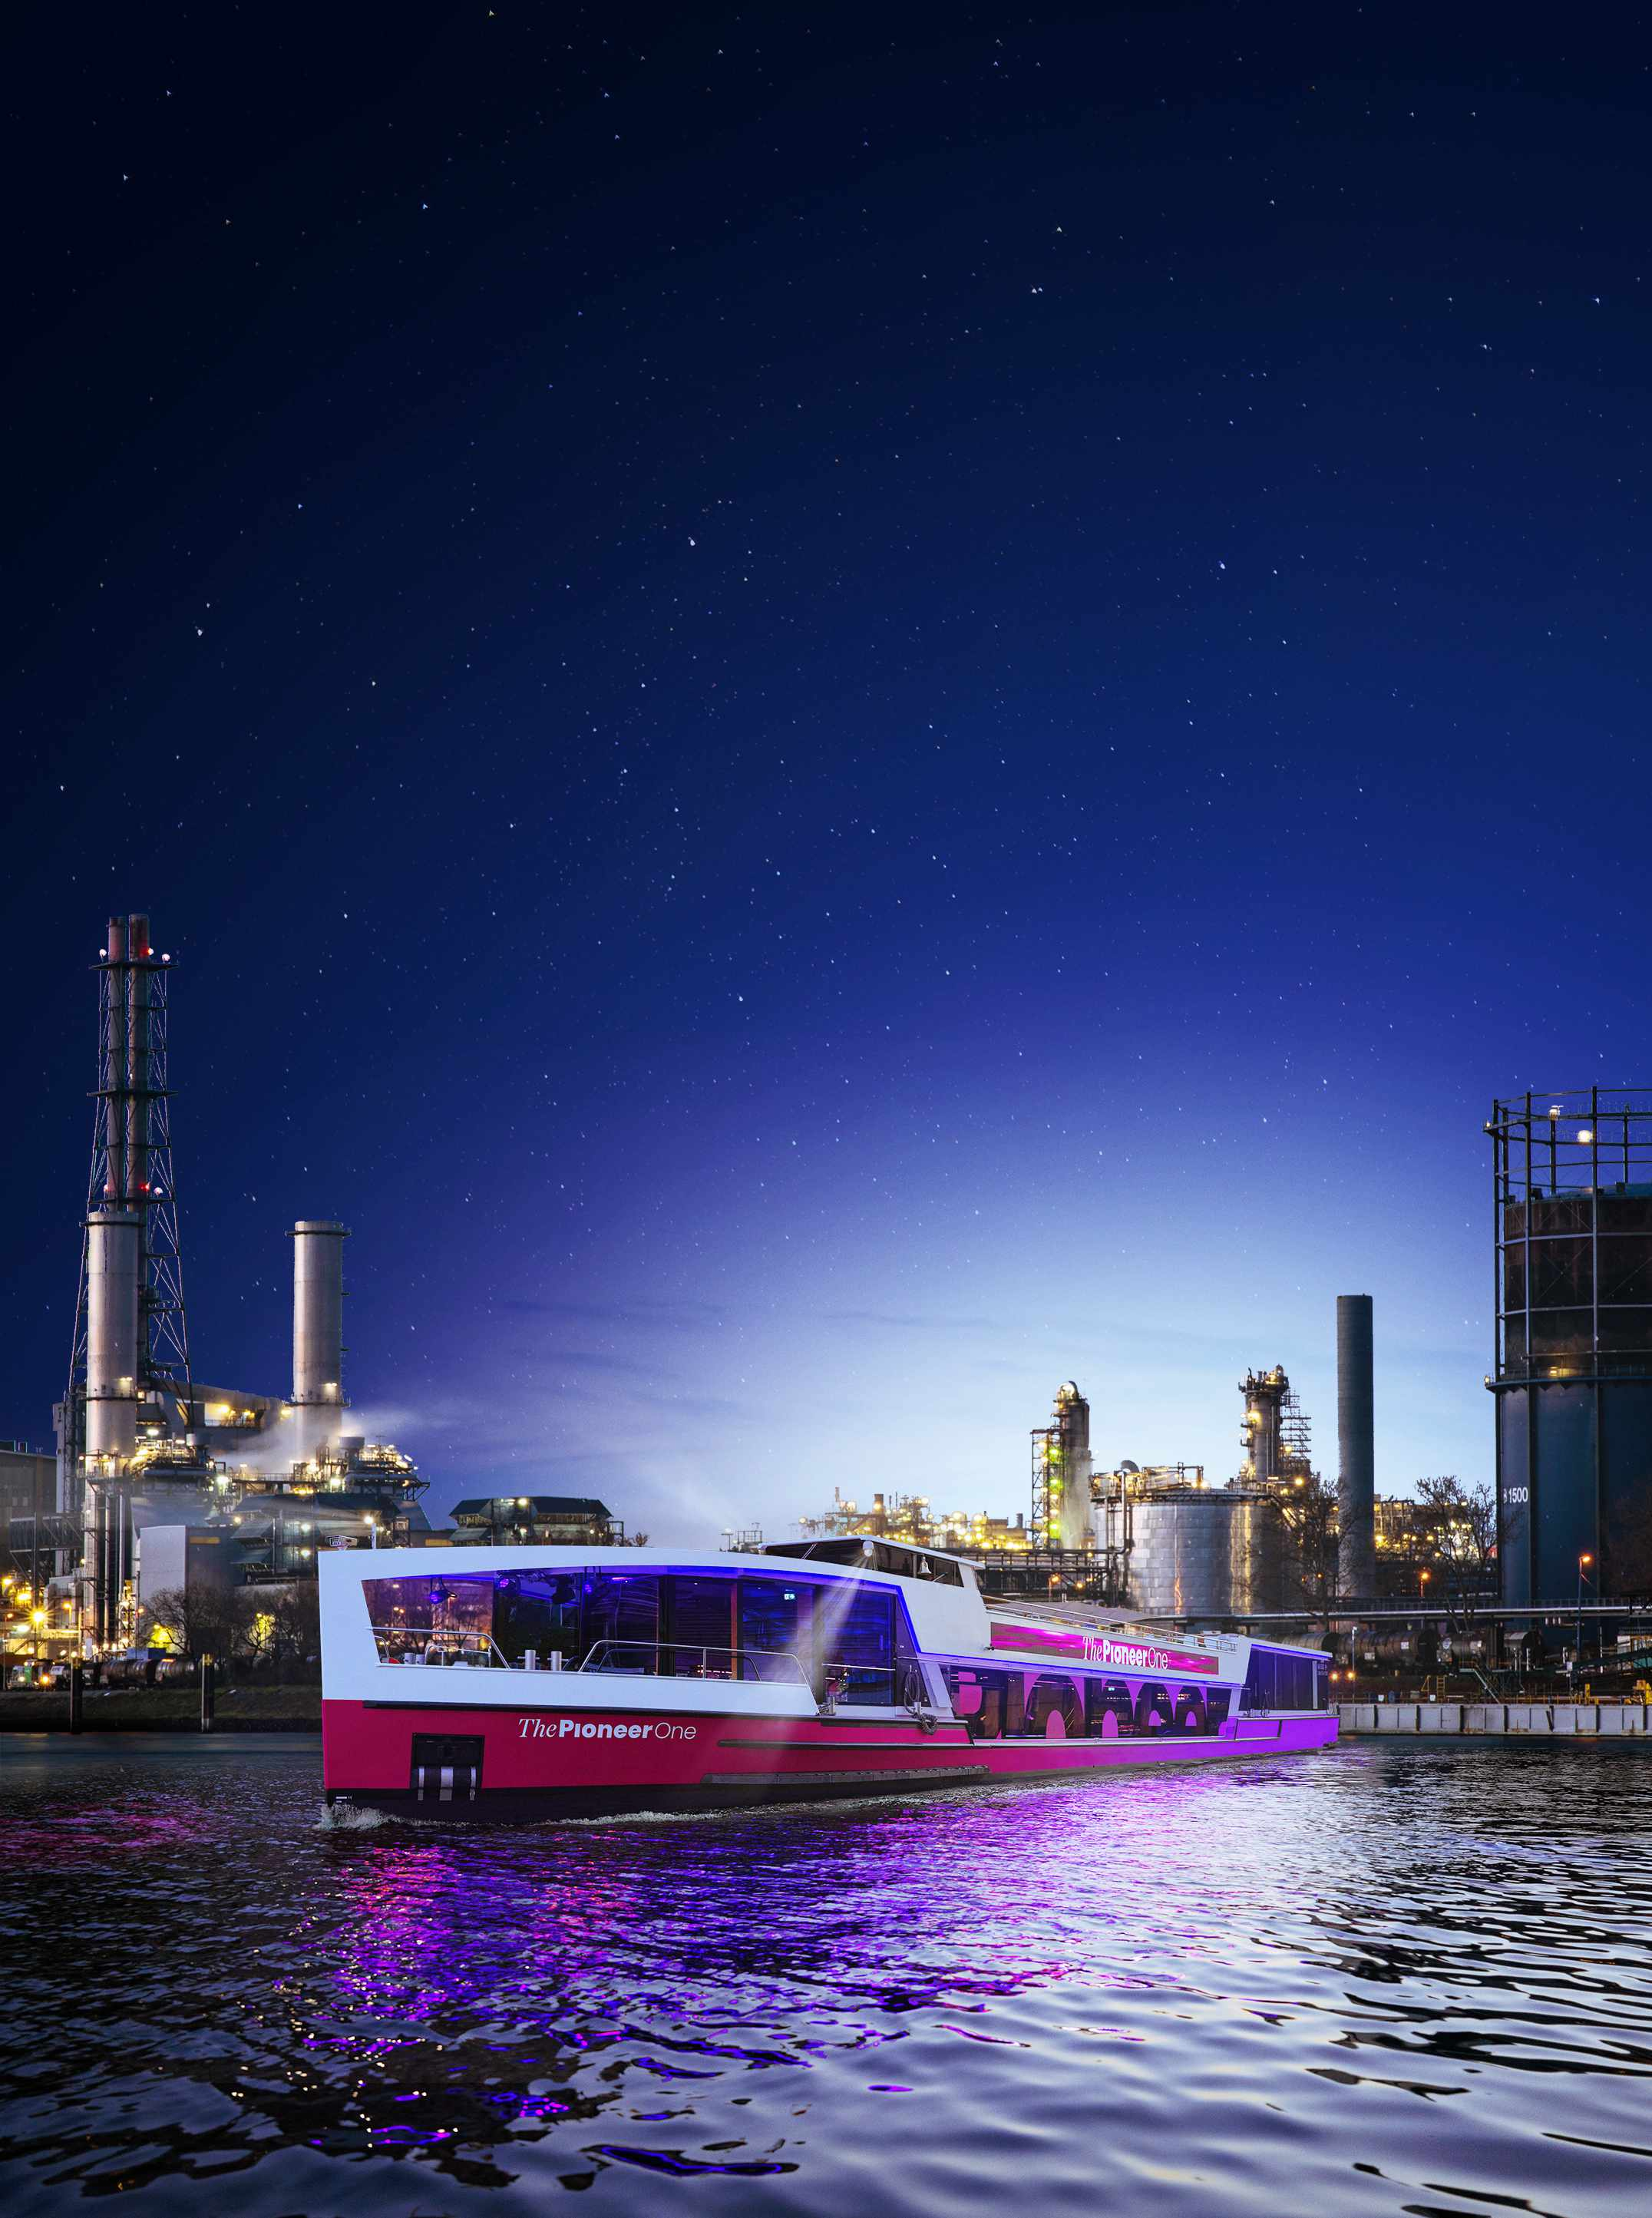 Medienschiff ThePioneerOne vor Skyline von Ludwigshafen